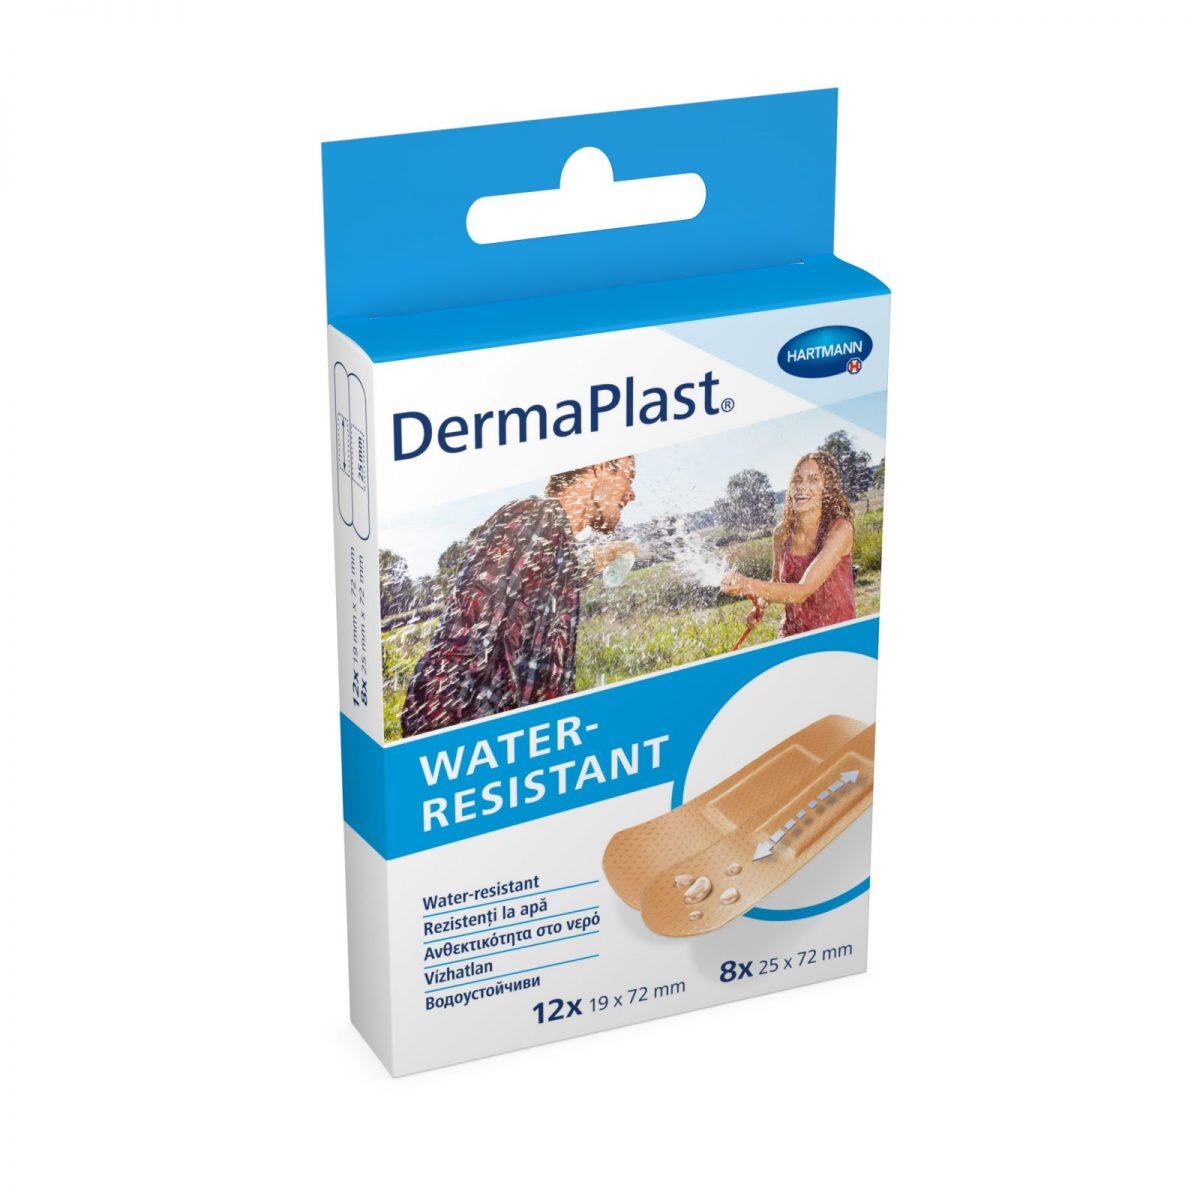 DermaPlast water-resistant